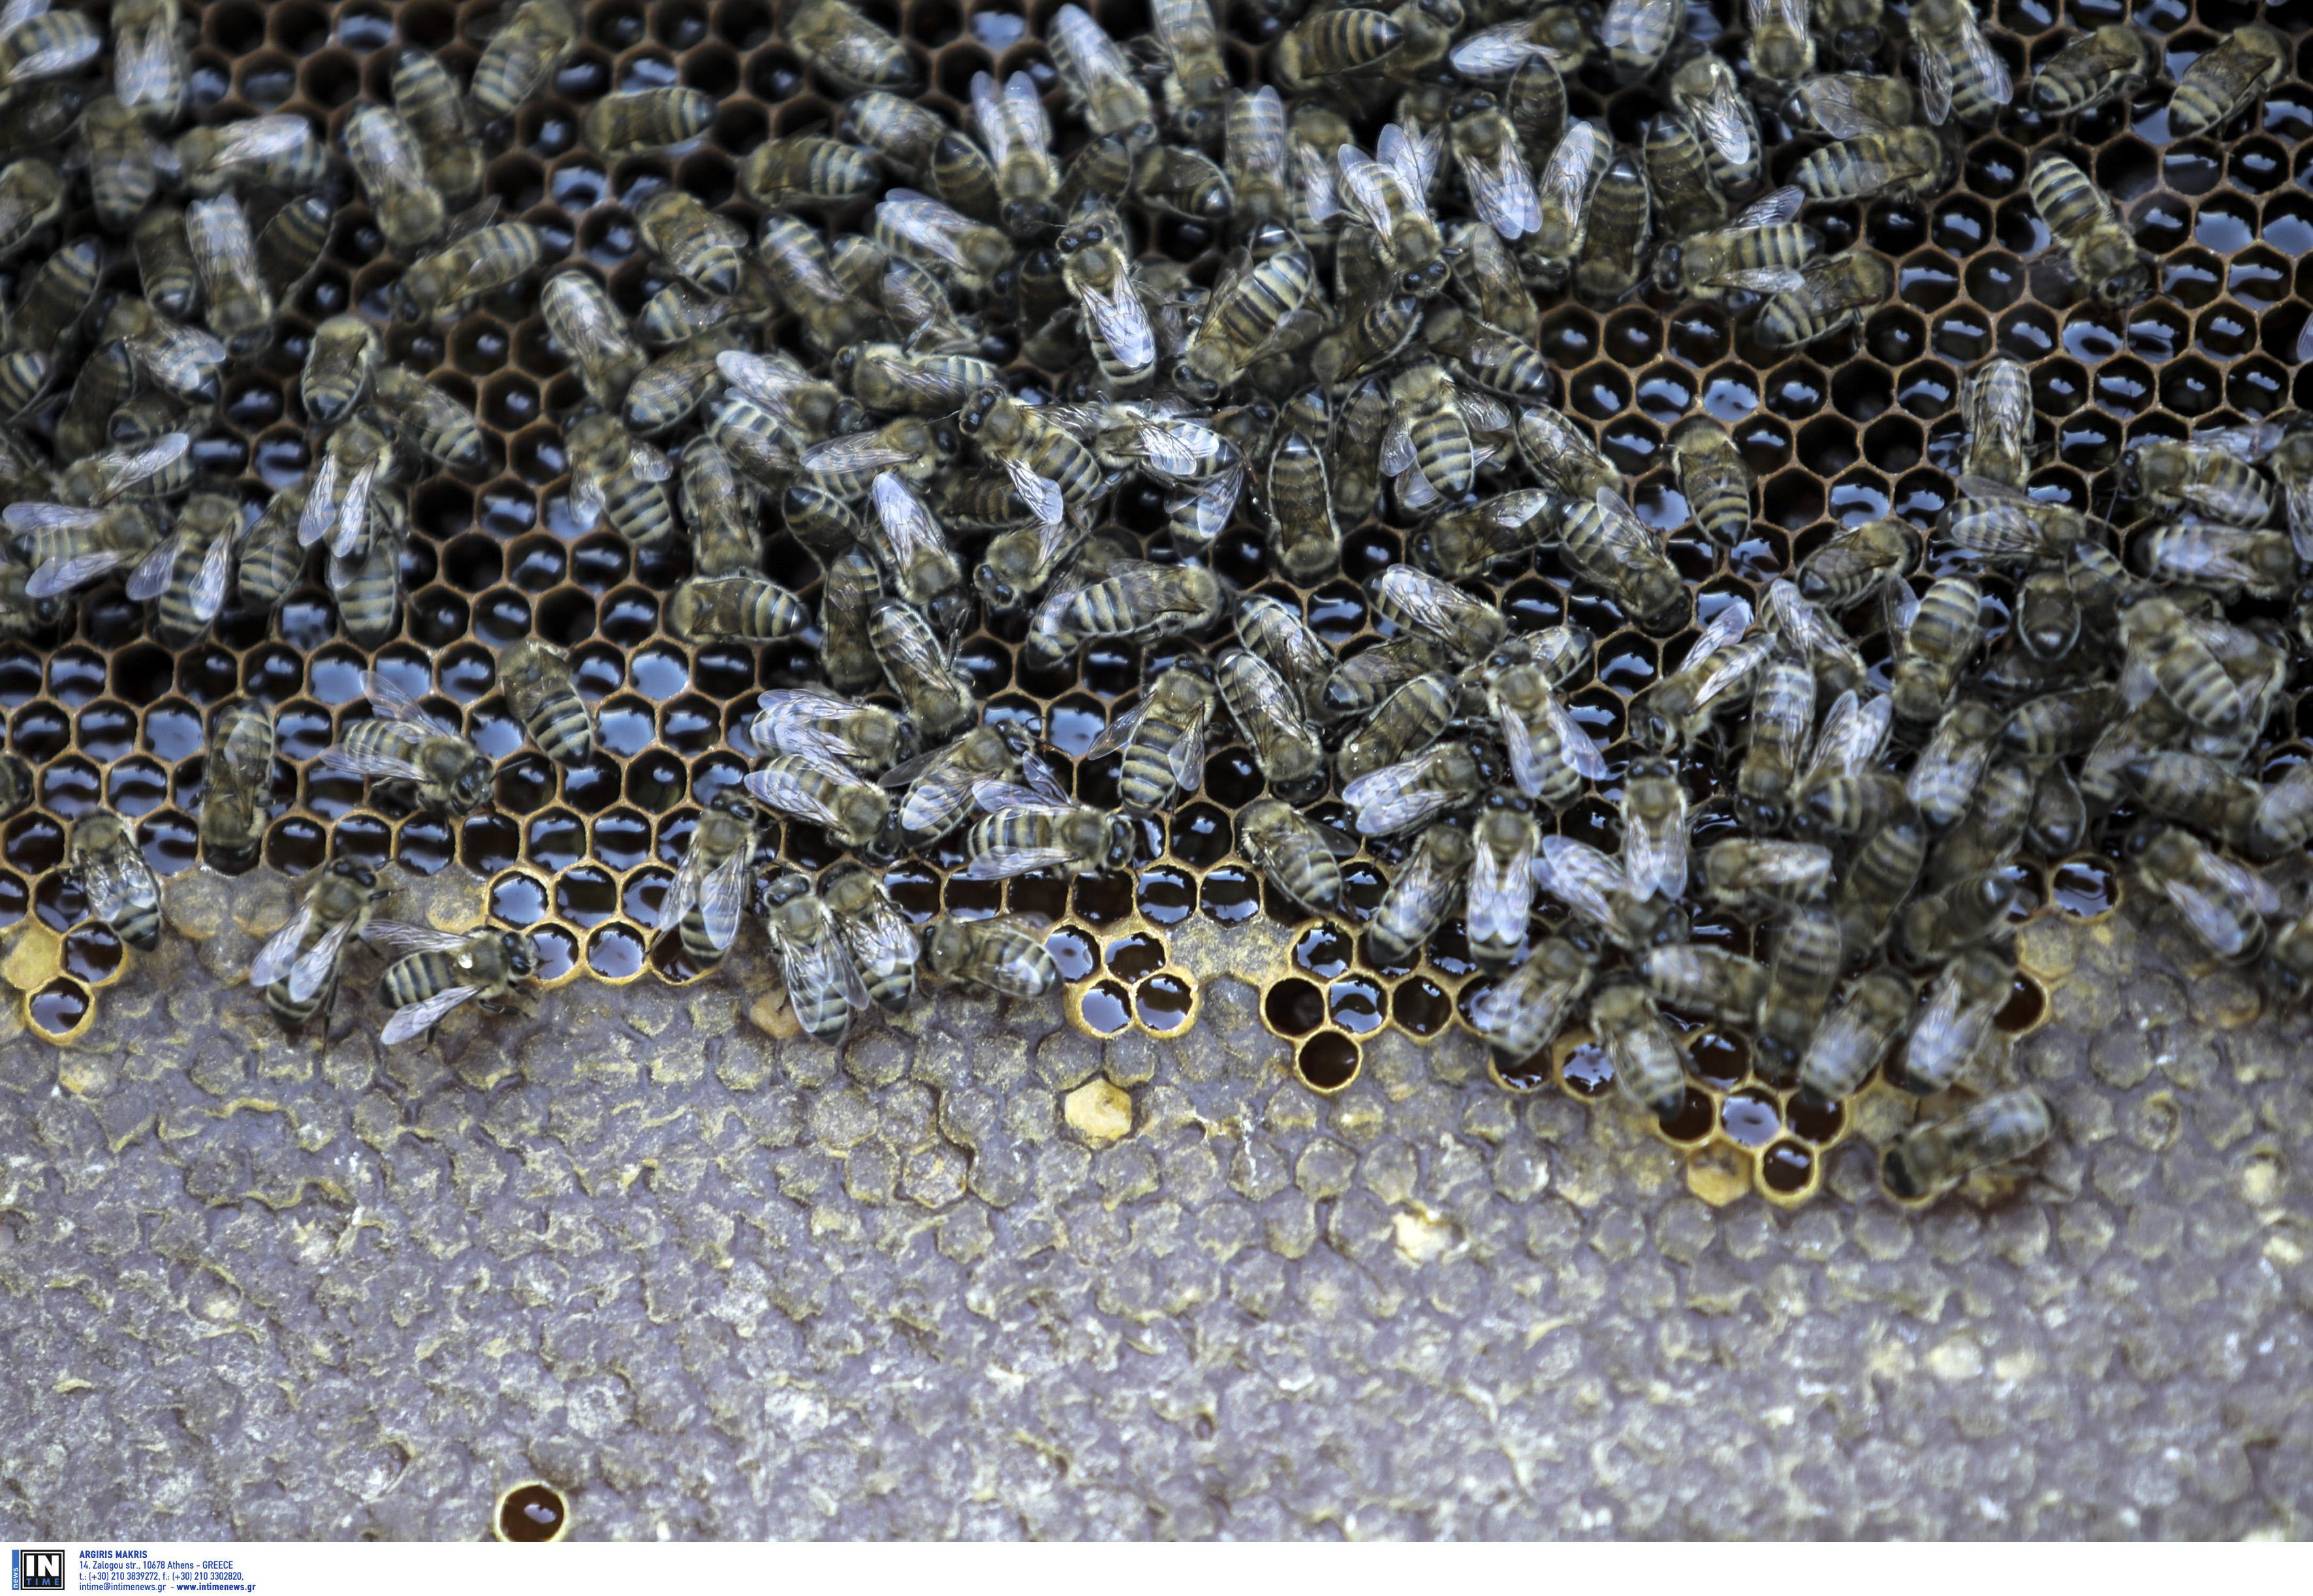 Χαλκιδική: Έκλεψαν κυψέλες μελισσών αξίας άνω των 1.000 ευρώ! Χειροπέδες στους δράστες